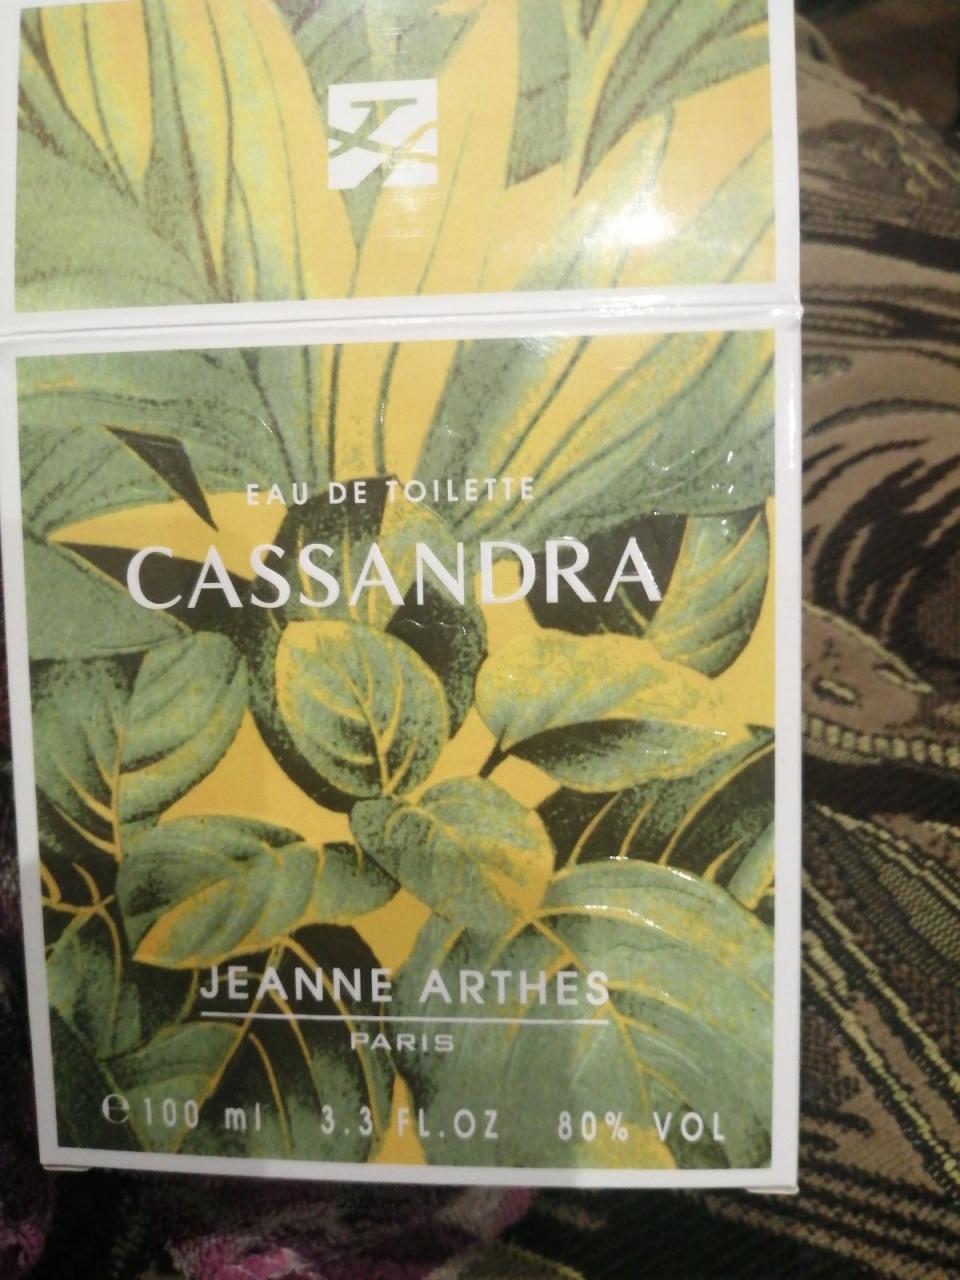 Отзыв на товар: Туалетная вода Parfums Cassandra. Jeanne Arthes. Вид 1 от 1612878712